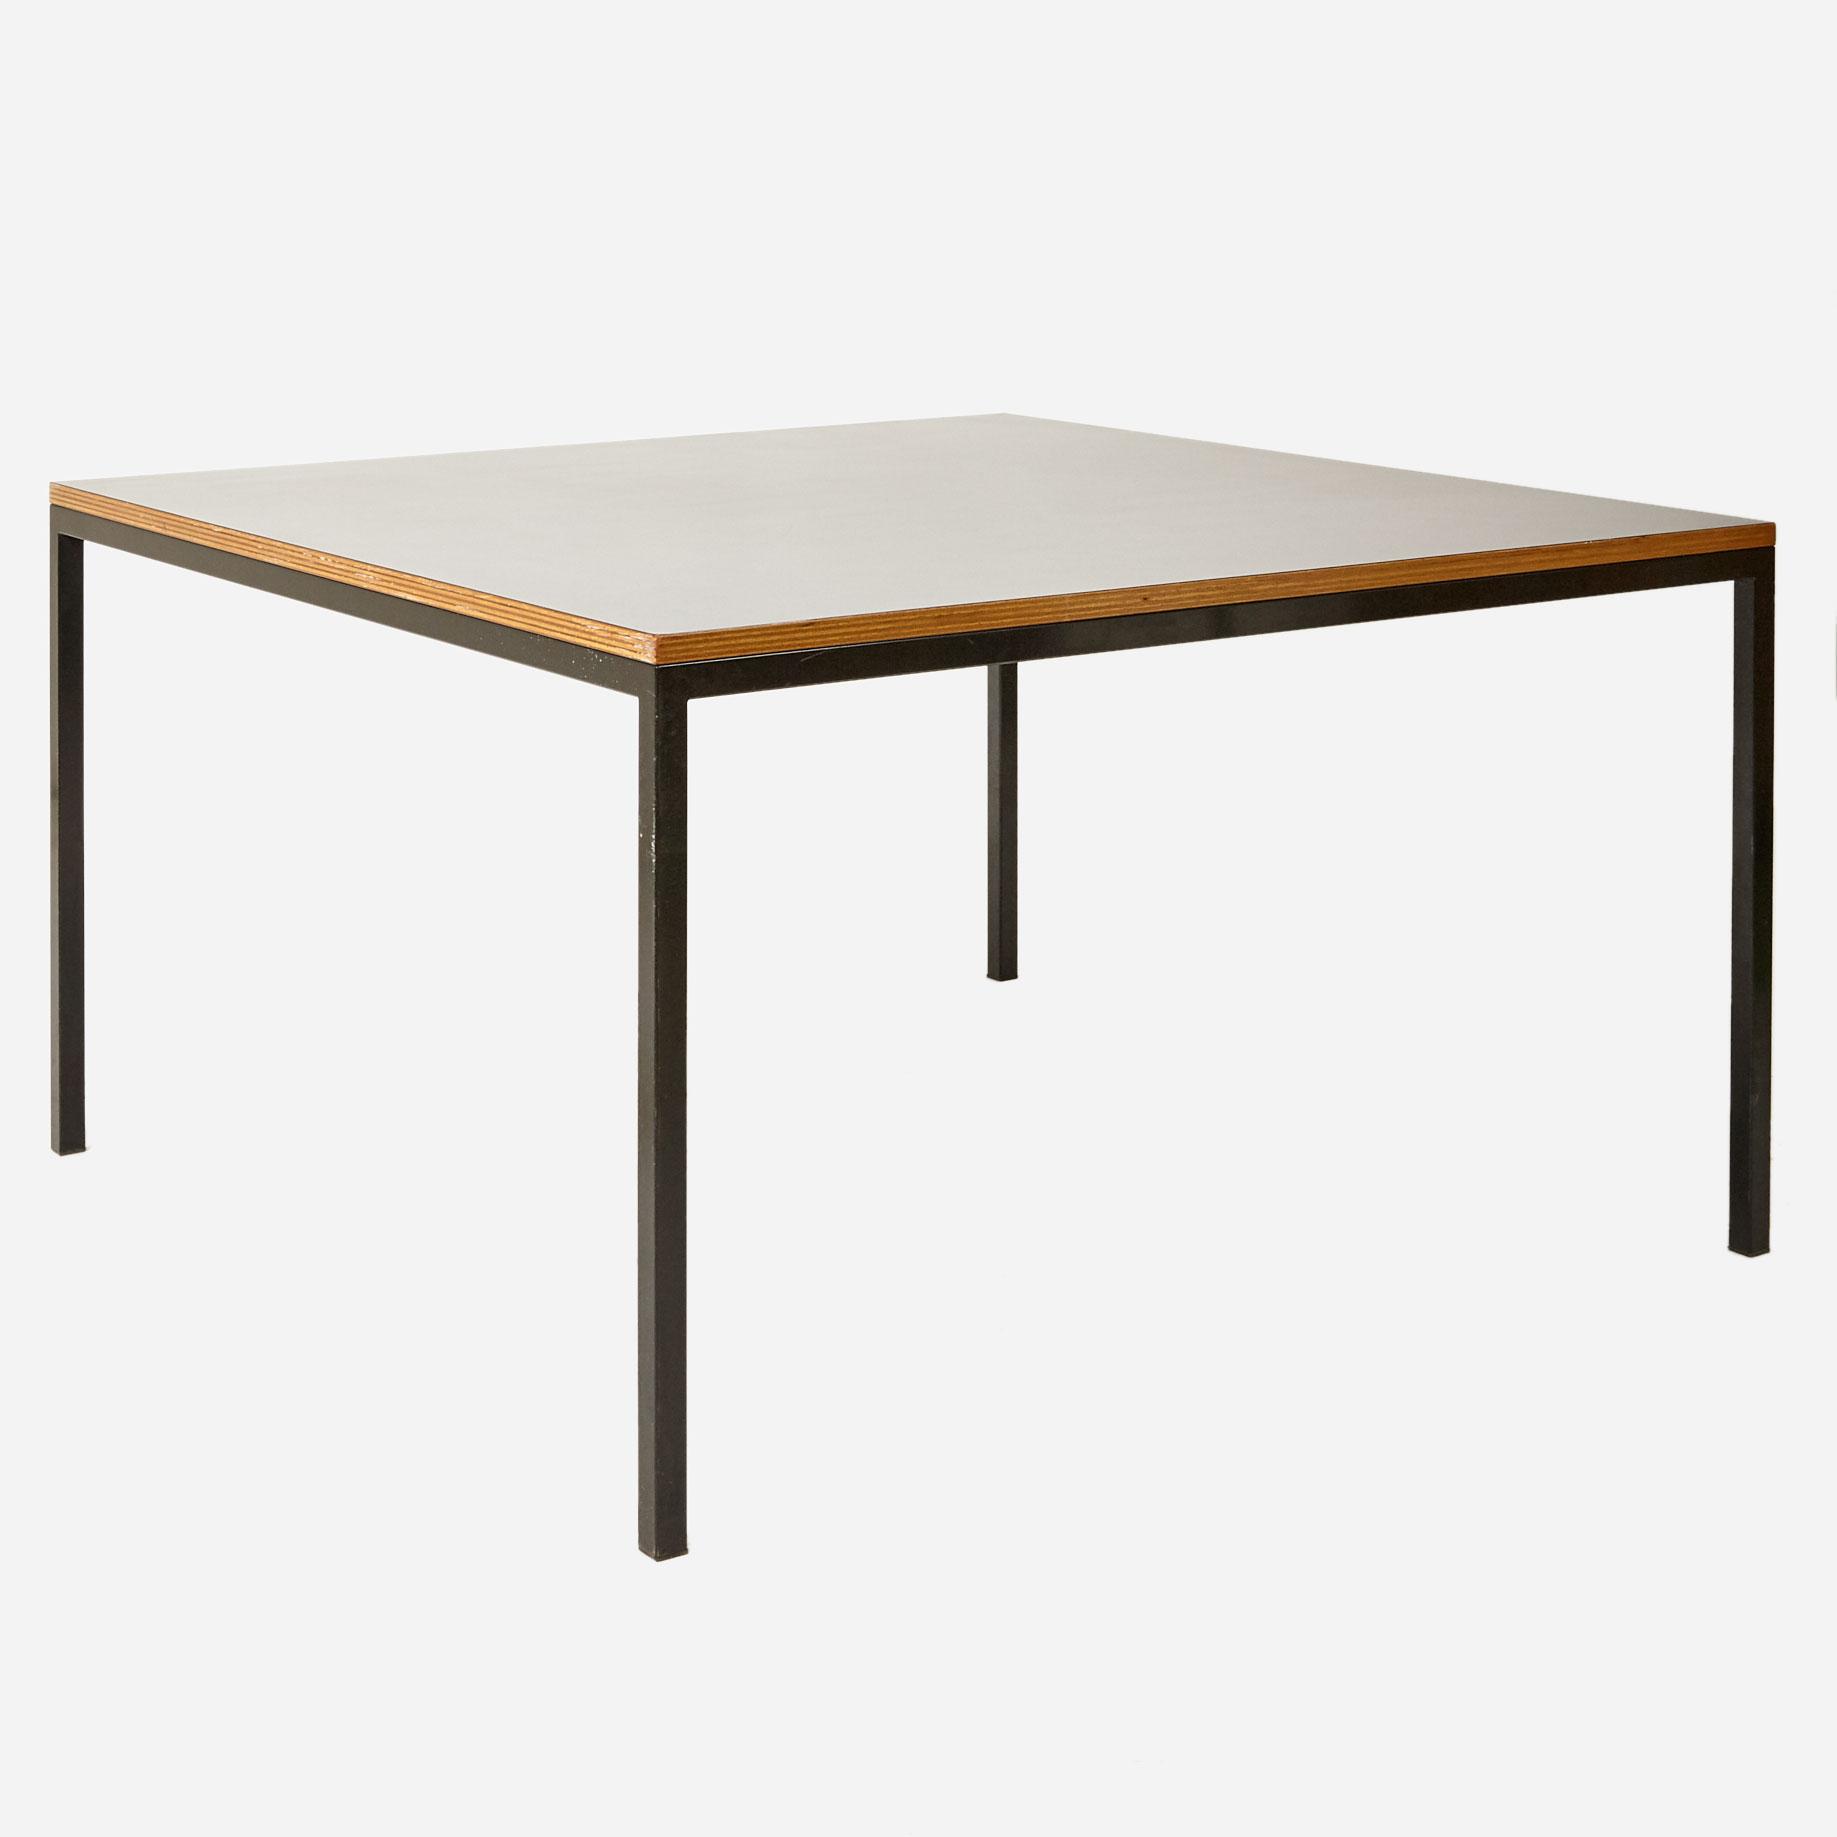 quadratischer tisch mit schwarzer kunstharztischplatte. Black Bedroom Furniture Sets. Home Design Ideas